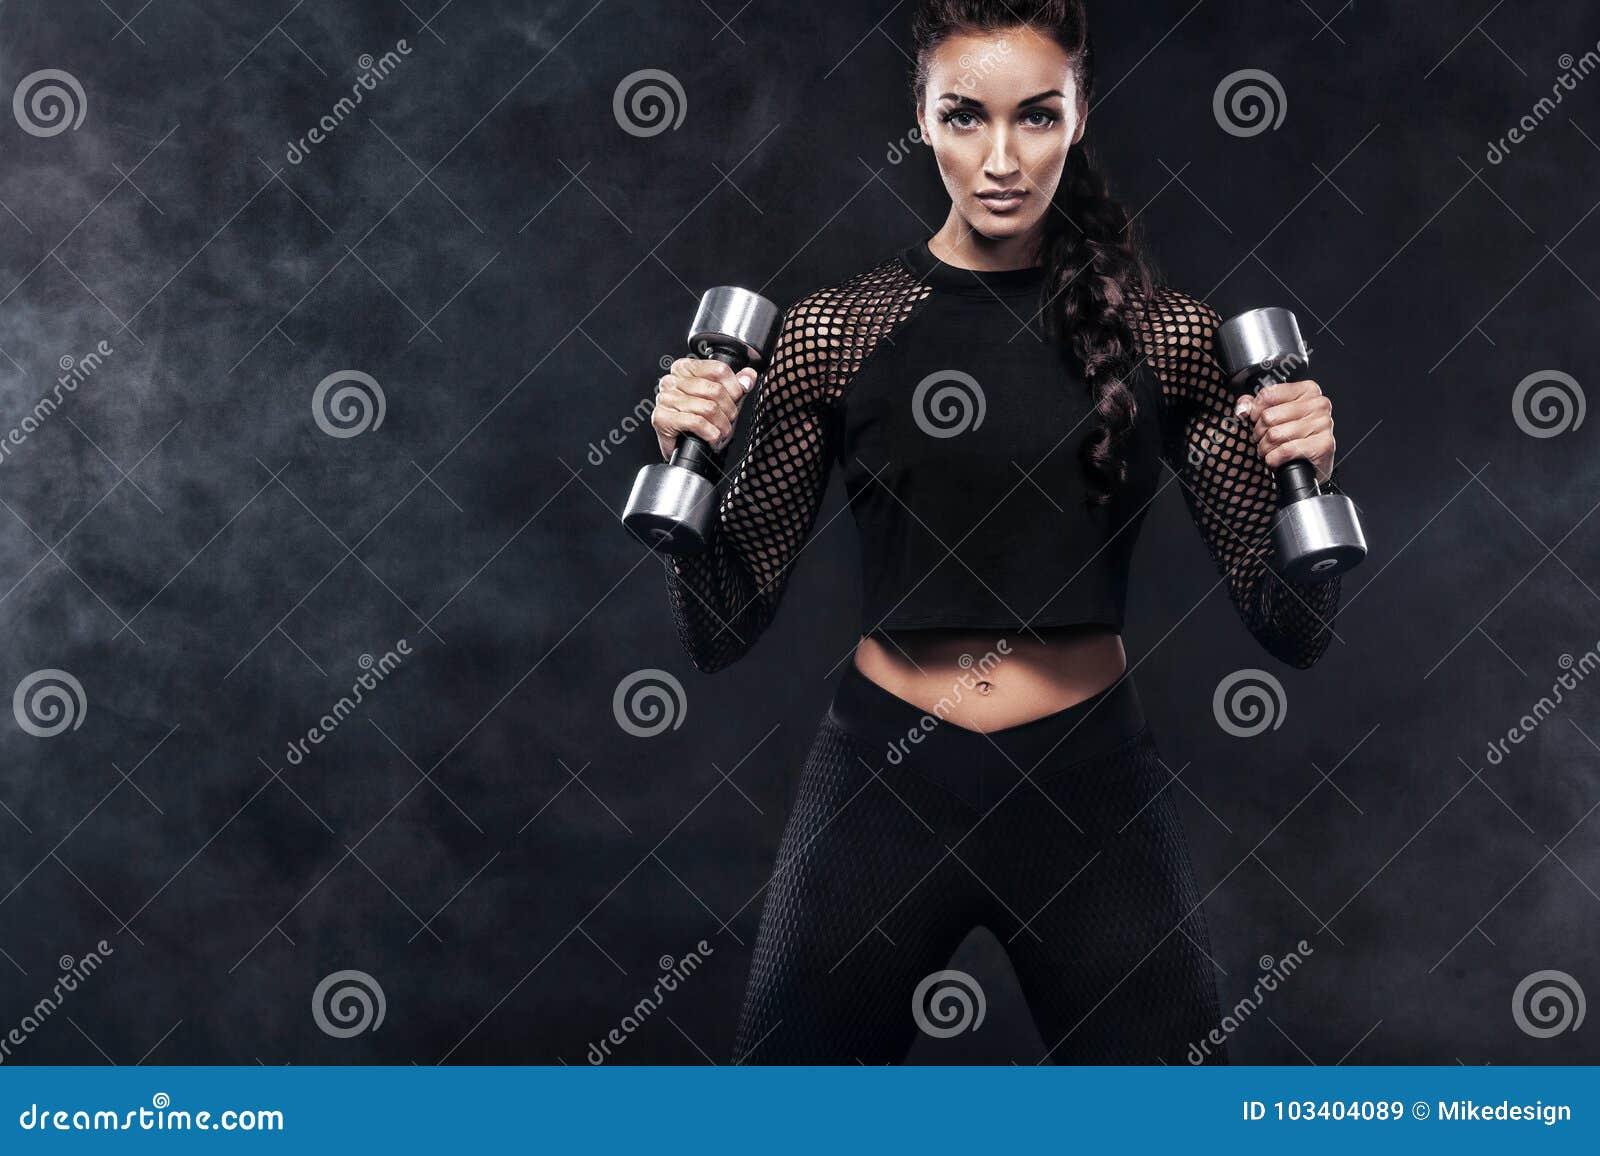 Η φίλαθλη όμορφη γυναίκα με τους αλτήρες κάνει την ικανότητα ασκώντας στο μαύρο υπόβαθρο για να μείνει κατάλληλη